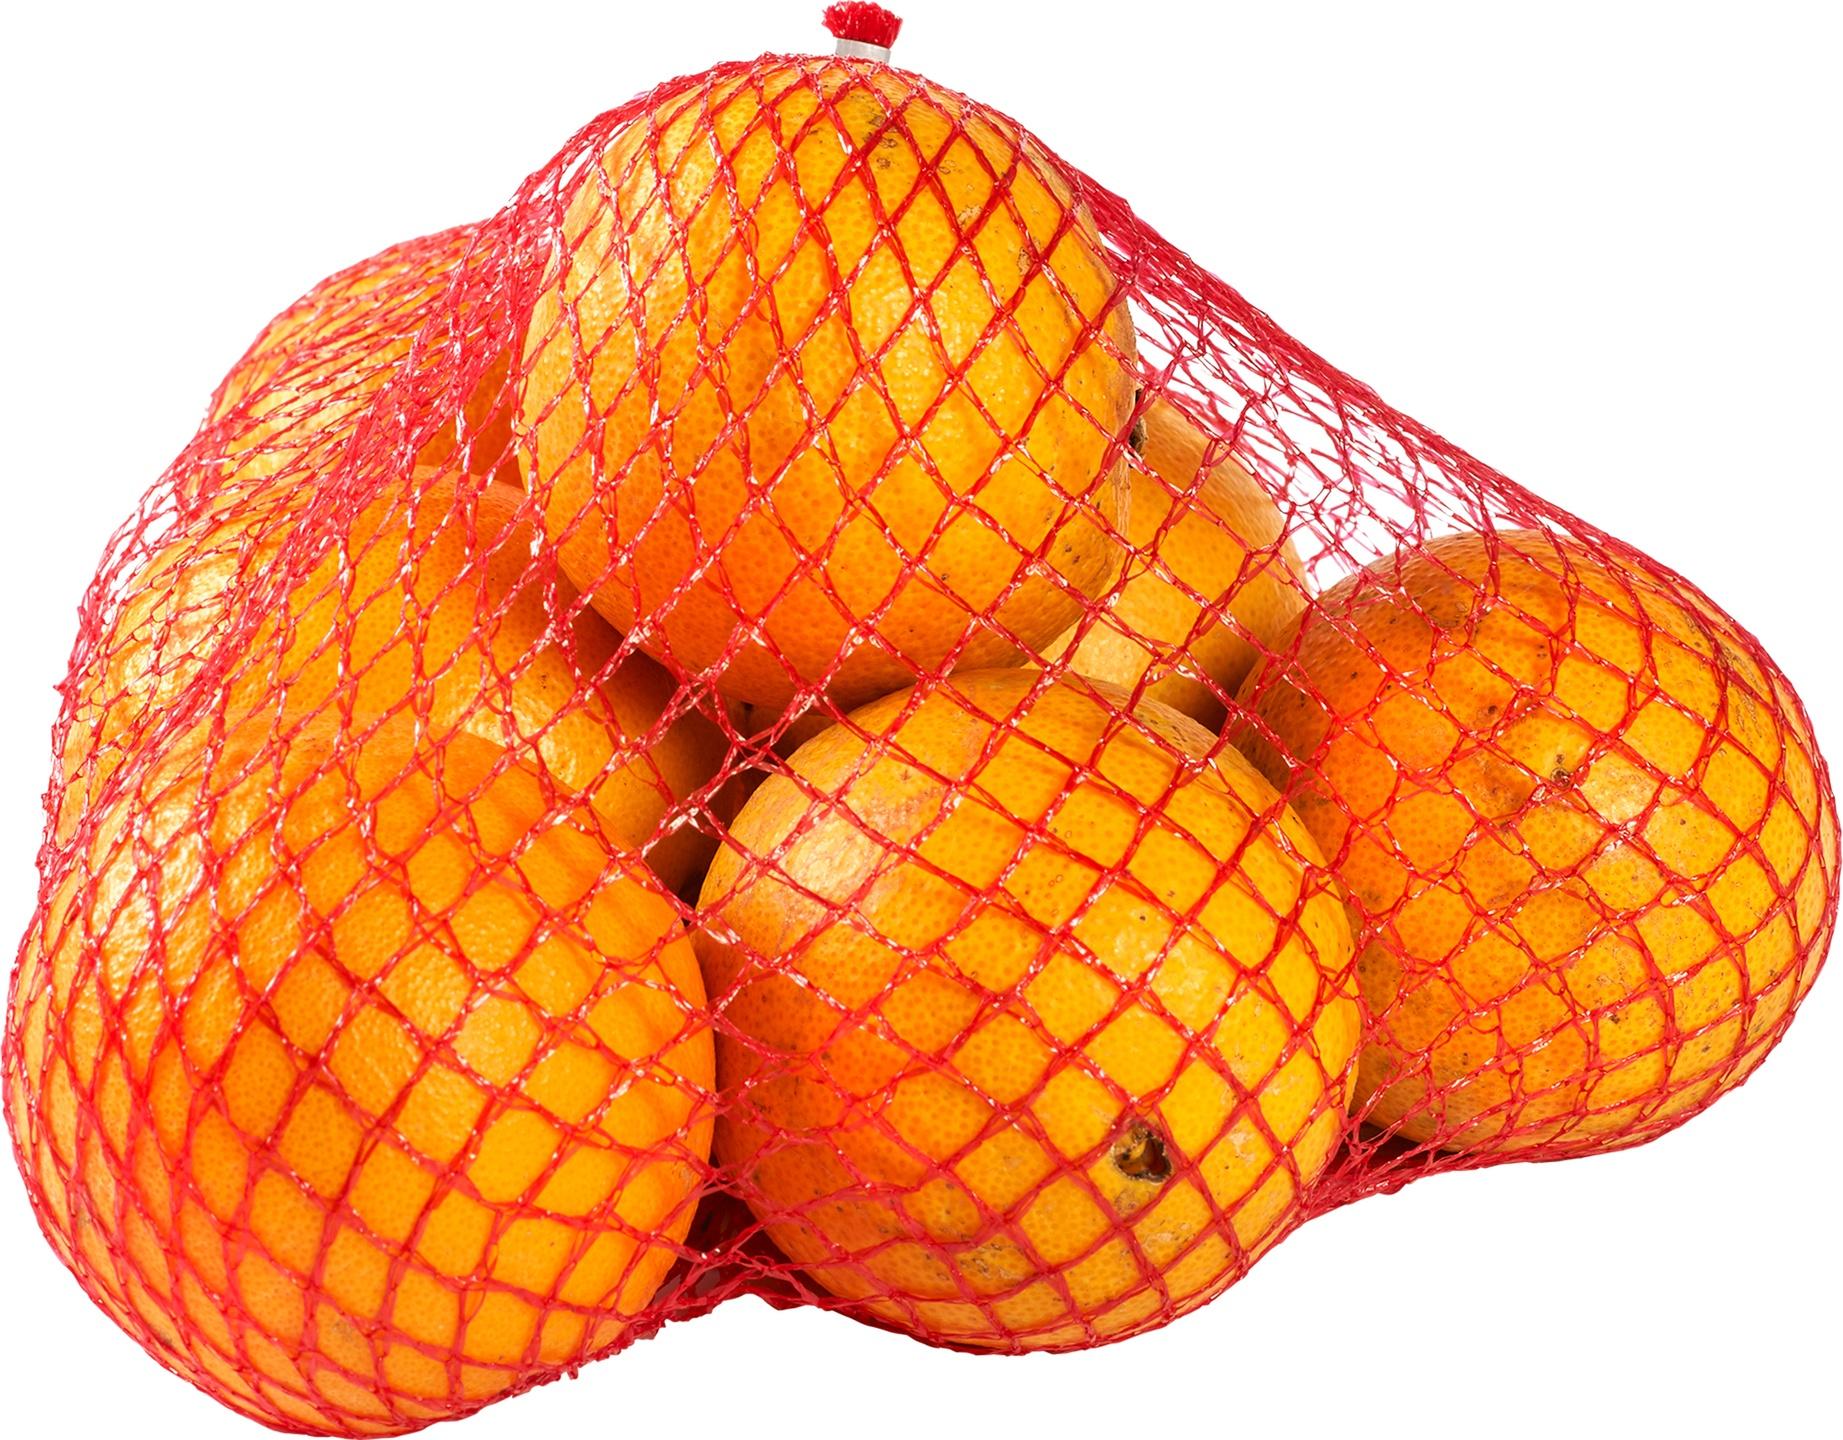 Biologische Ekoplaza Sinaasappel (pers) 1 kg